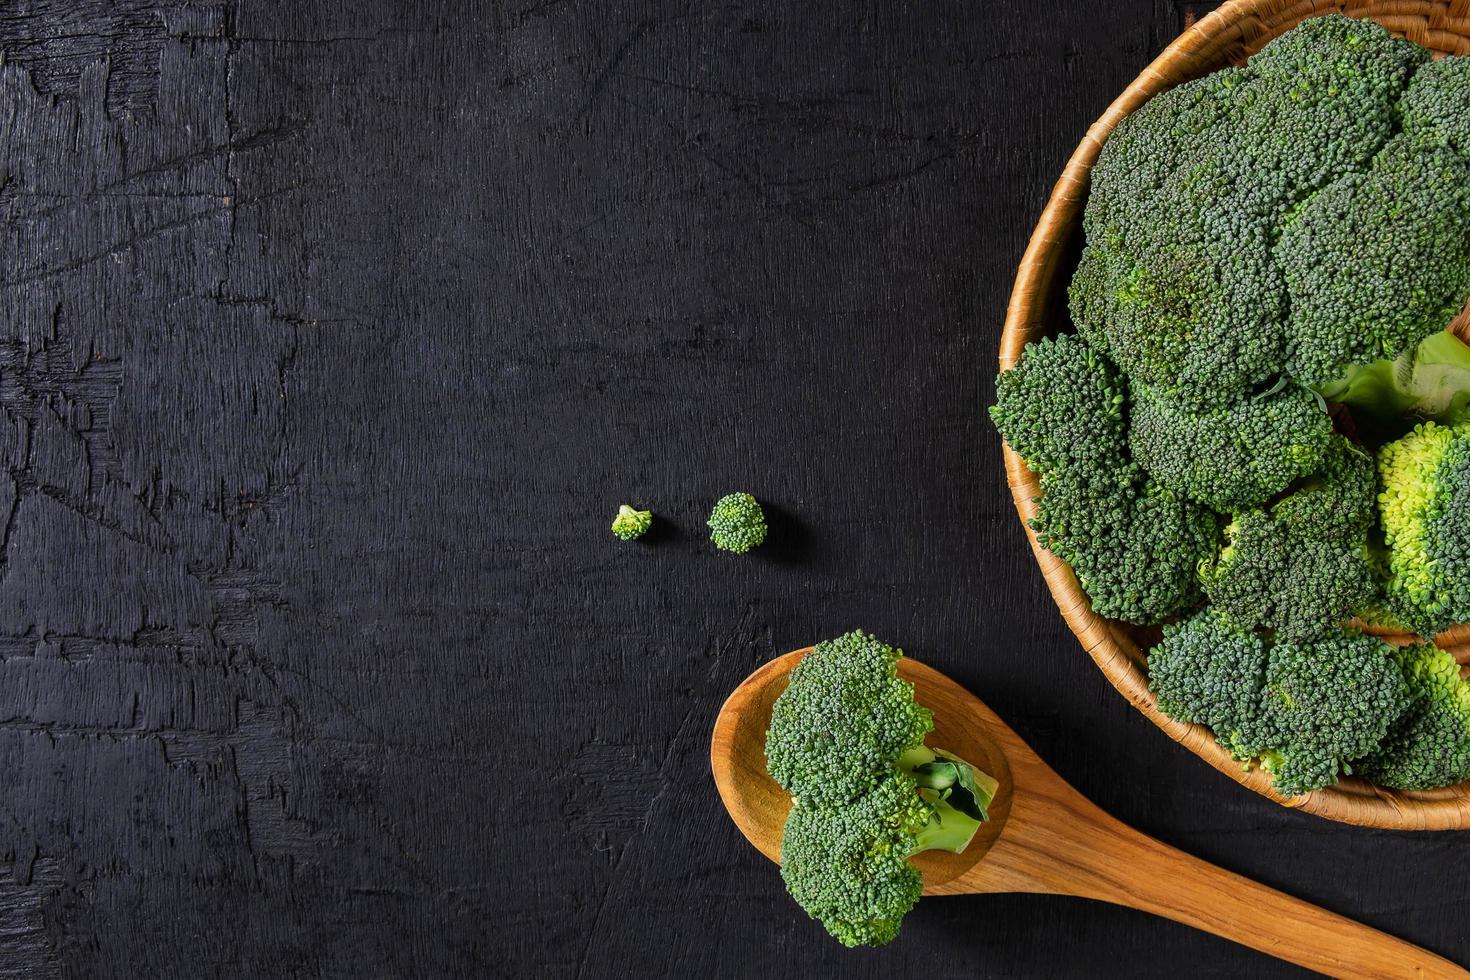 fleurons de brocoli dans un bol et sur une cuillère photo